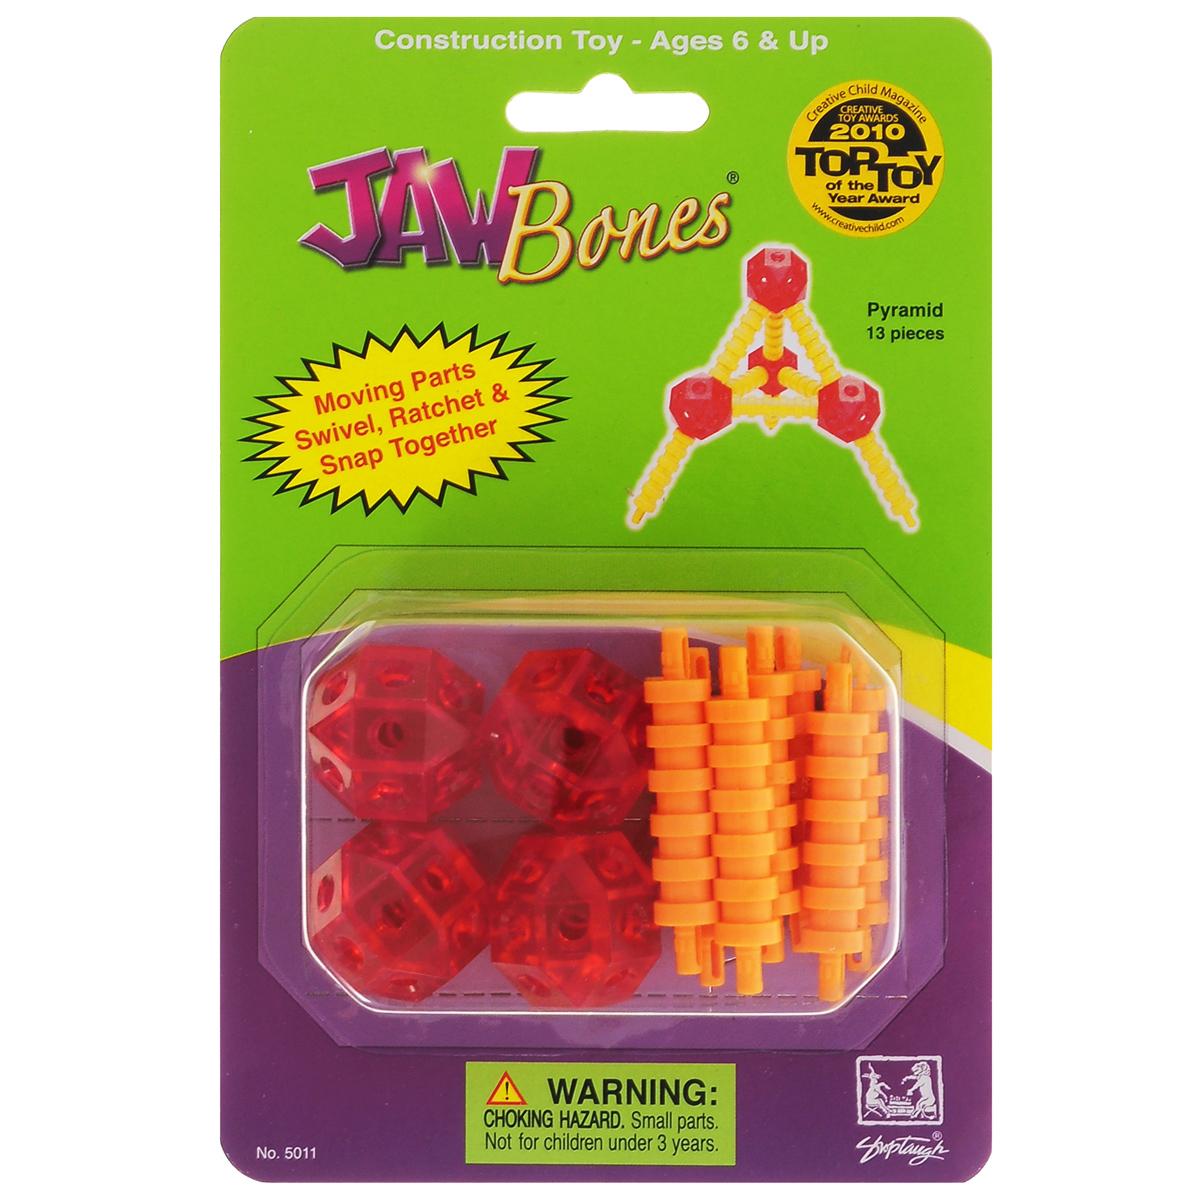 Jawbones Конструктор Пирамида